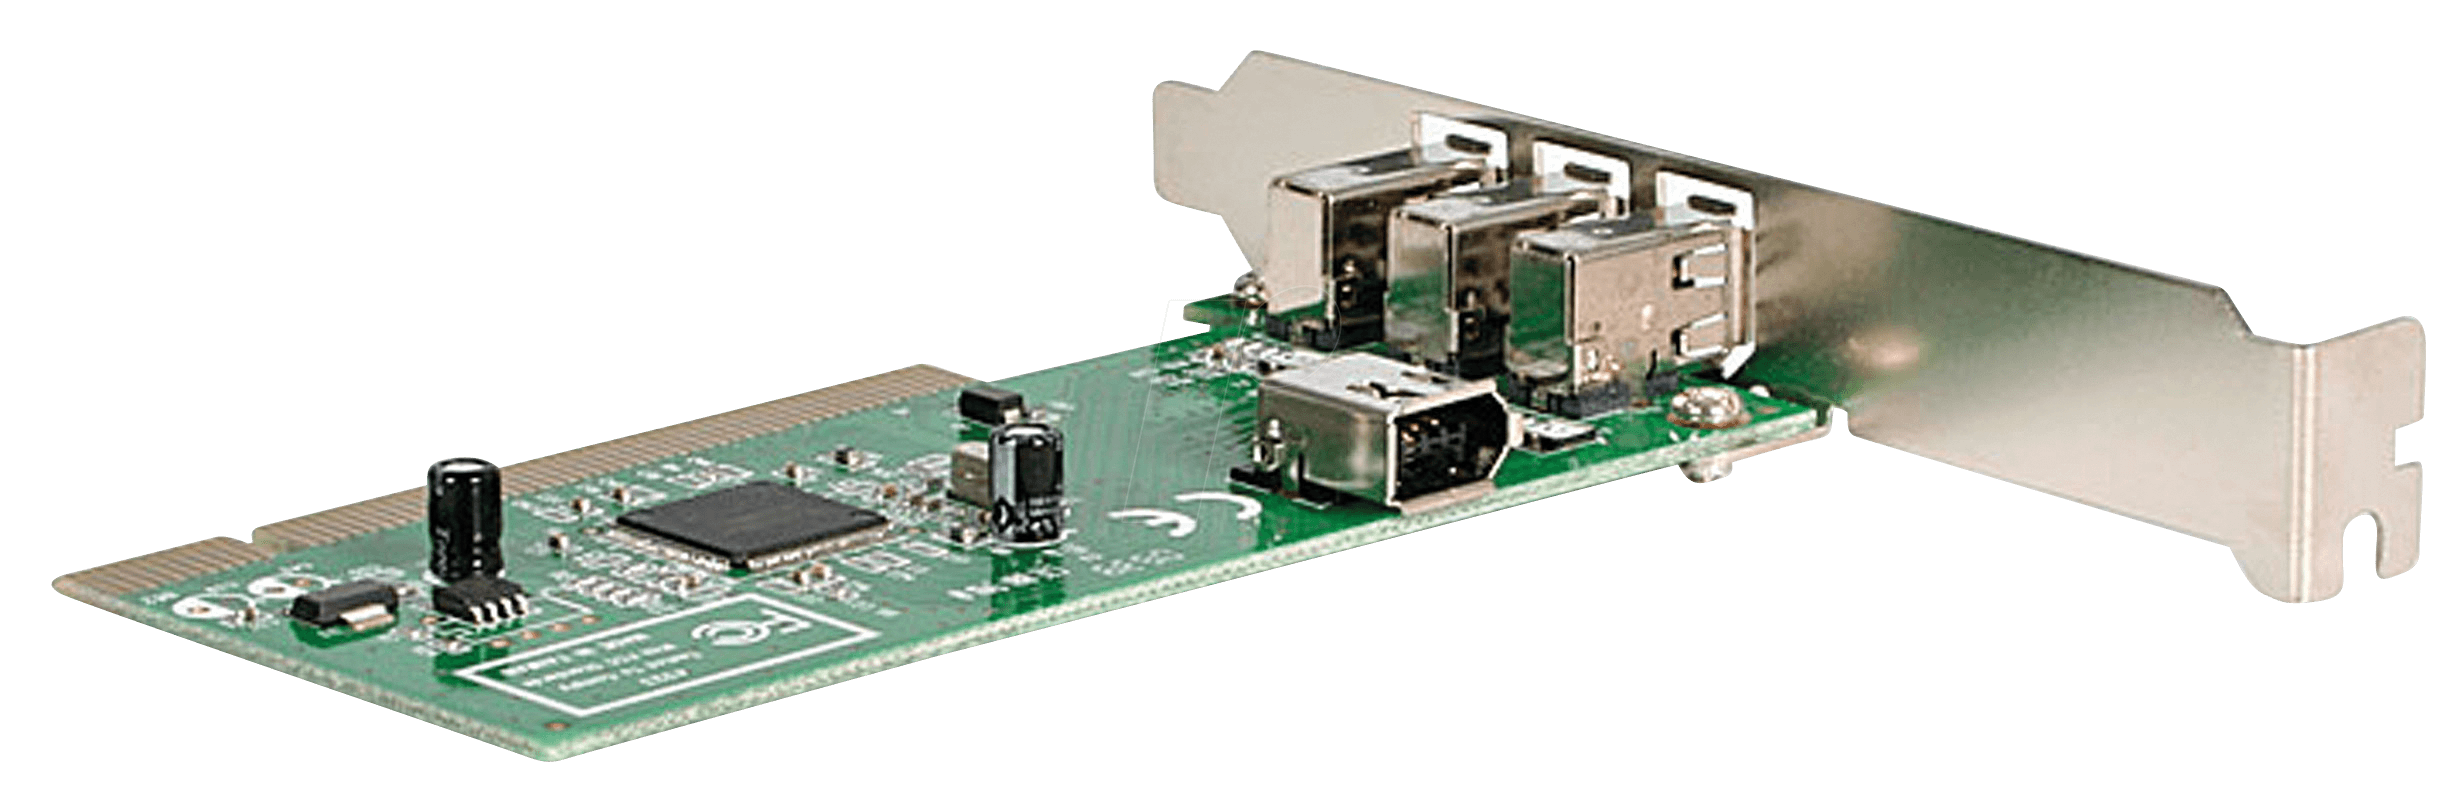 https://cdn-reichelt.de/bilder/web/xxl_ws/E201/PCI1394MP_04.png